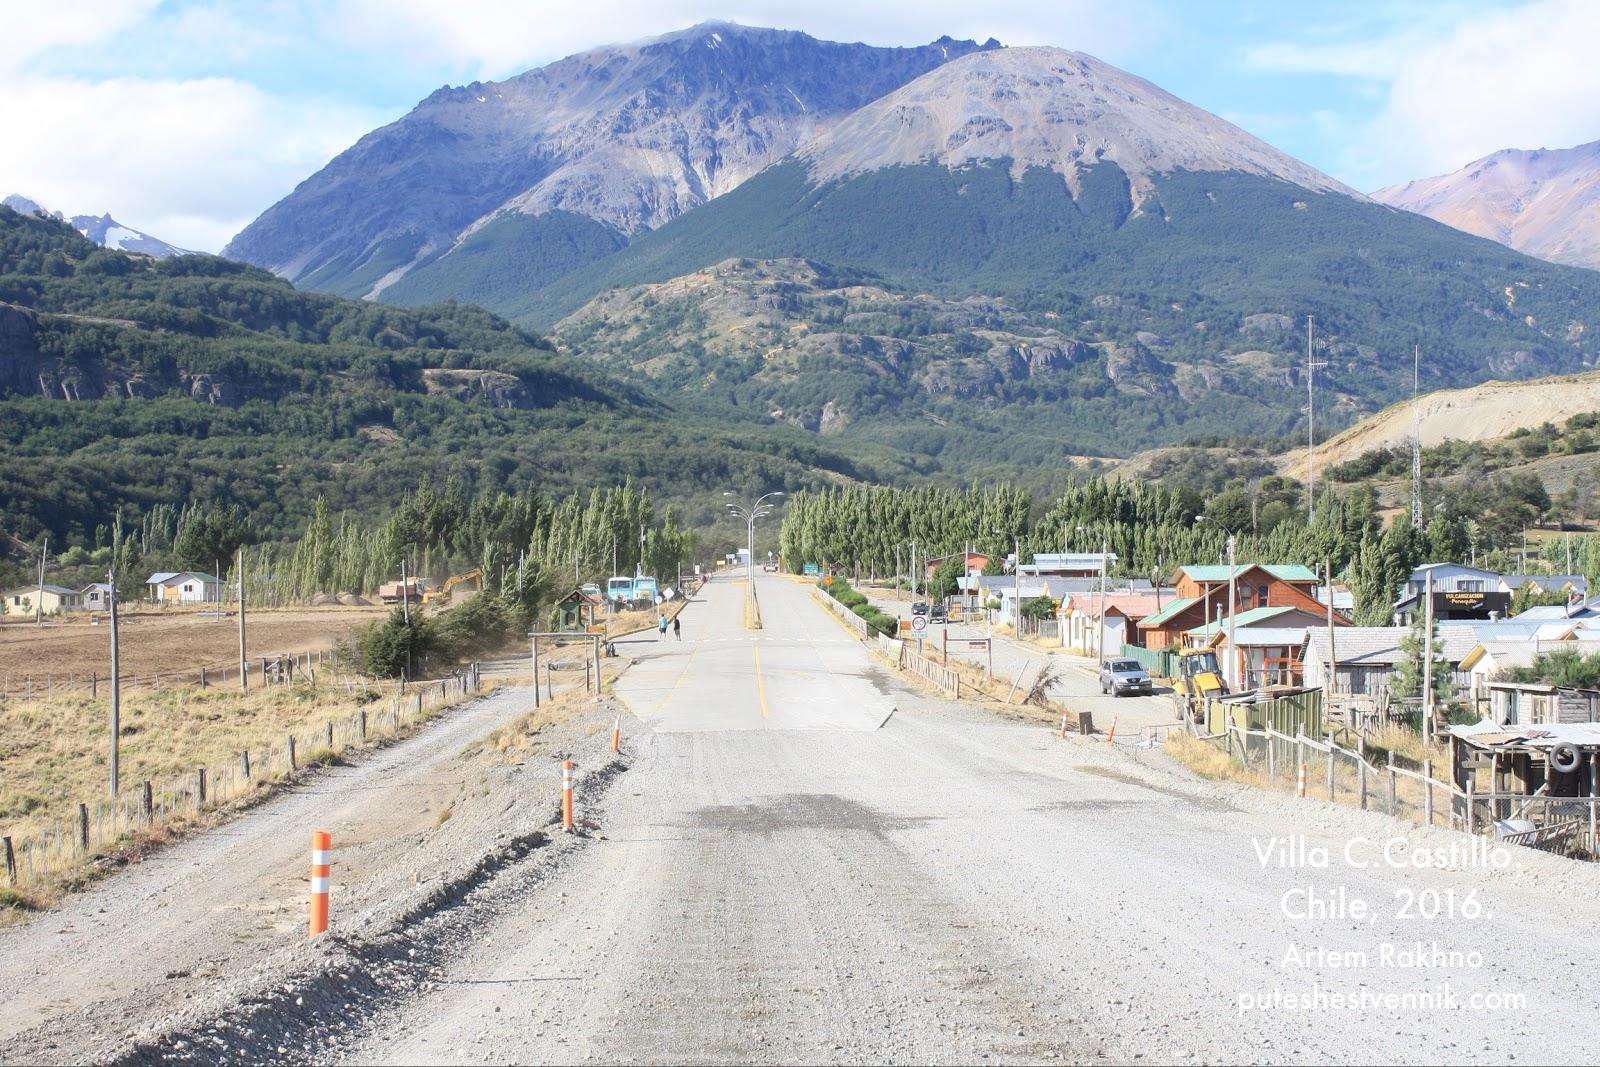 Окончание асфальта на дороге Карретера Аустраль